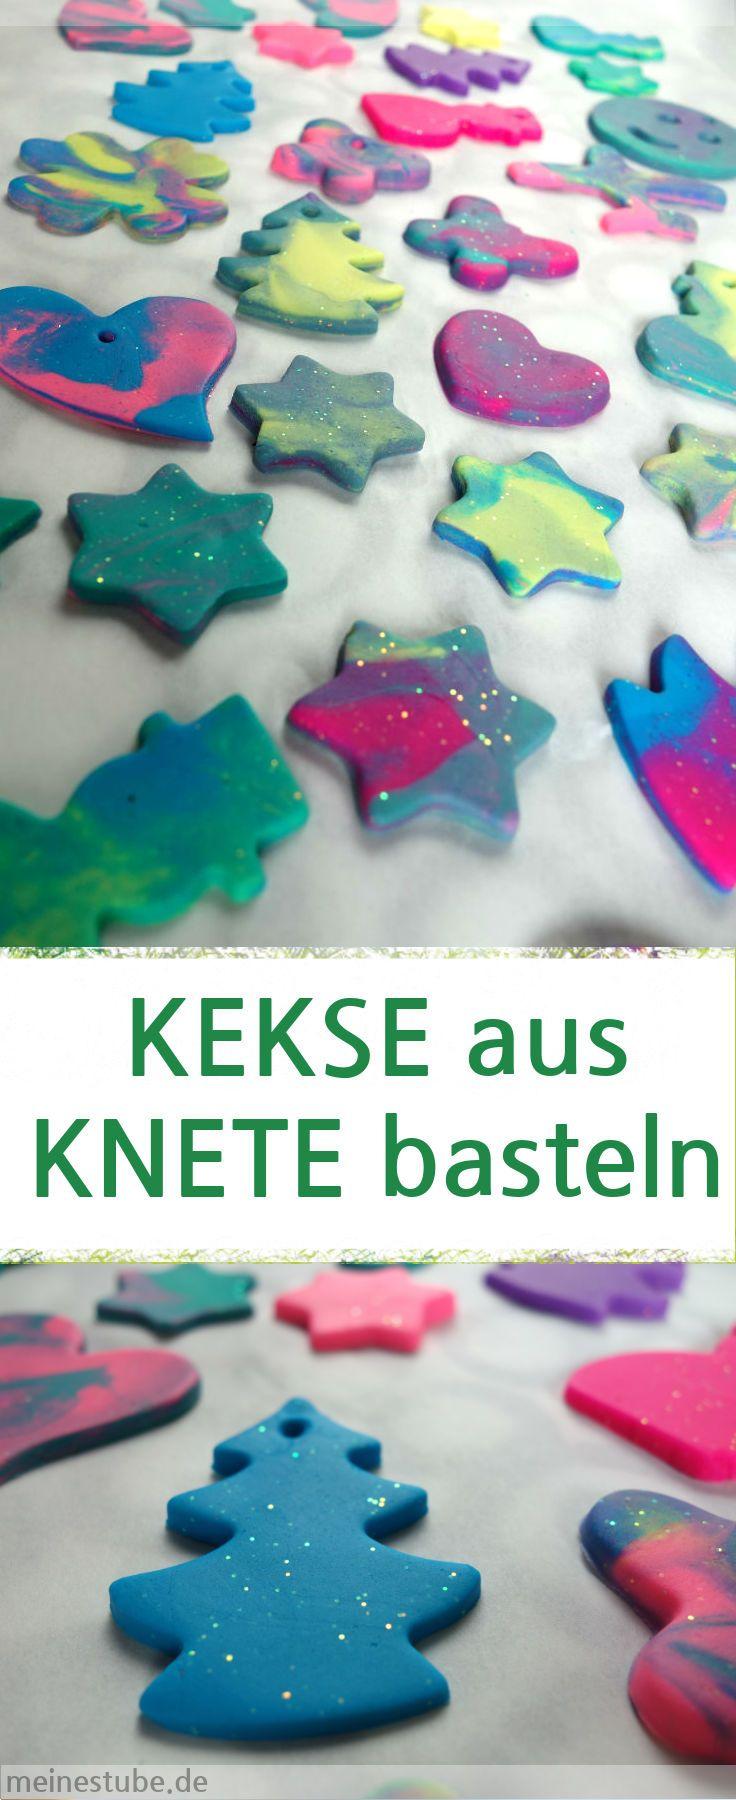 DIY: Anleitung basteln Kekse mit Knete, Geschenkidee, Anhänger, Weihnachten, Weihnachtsschmuck #basteln #kekse #knete